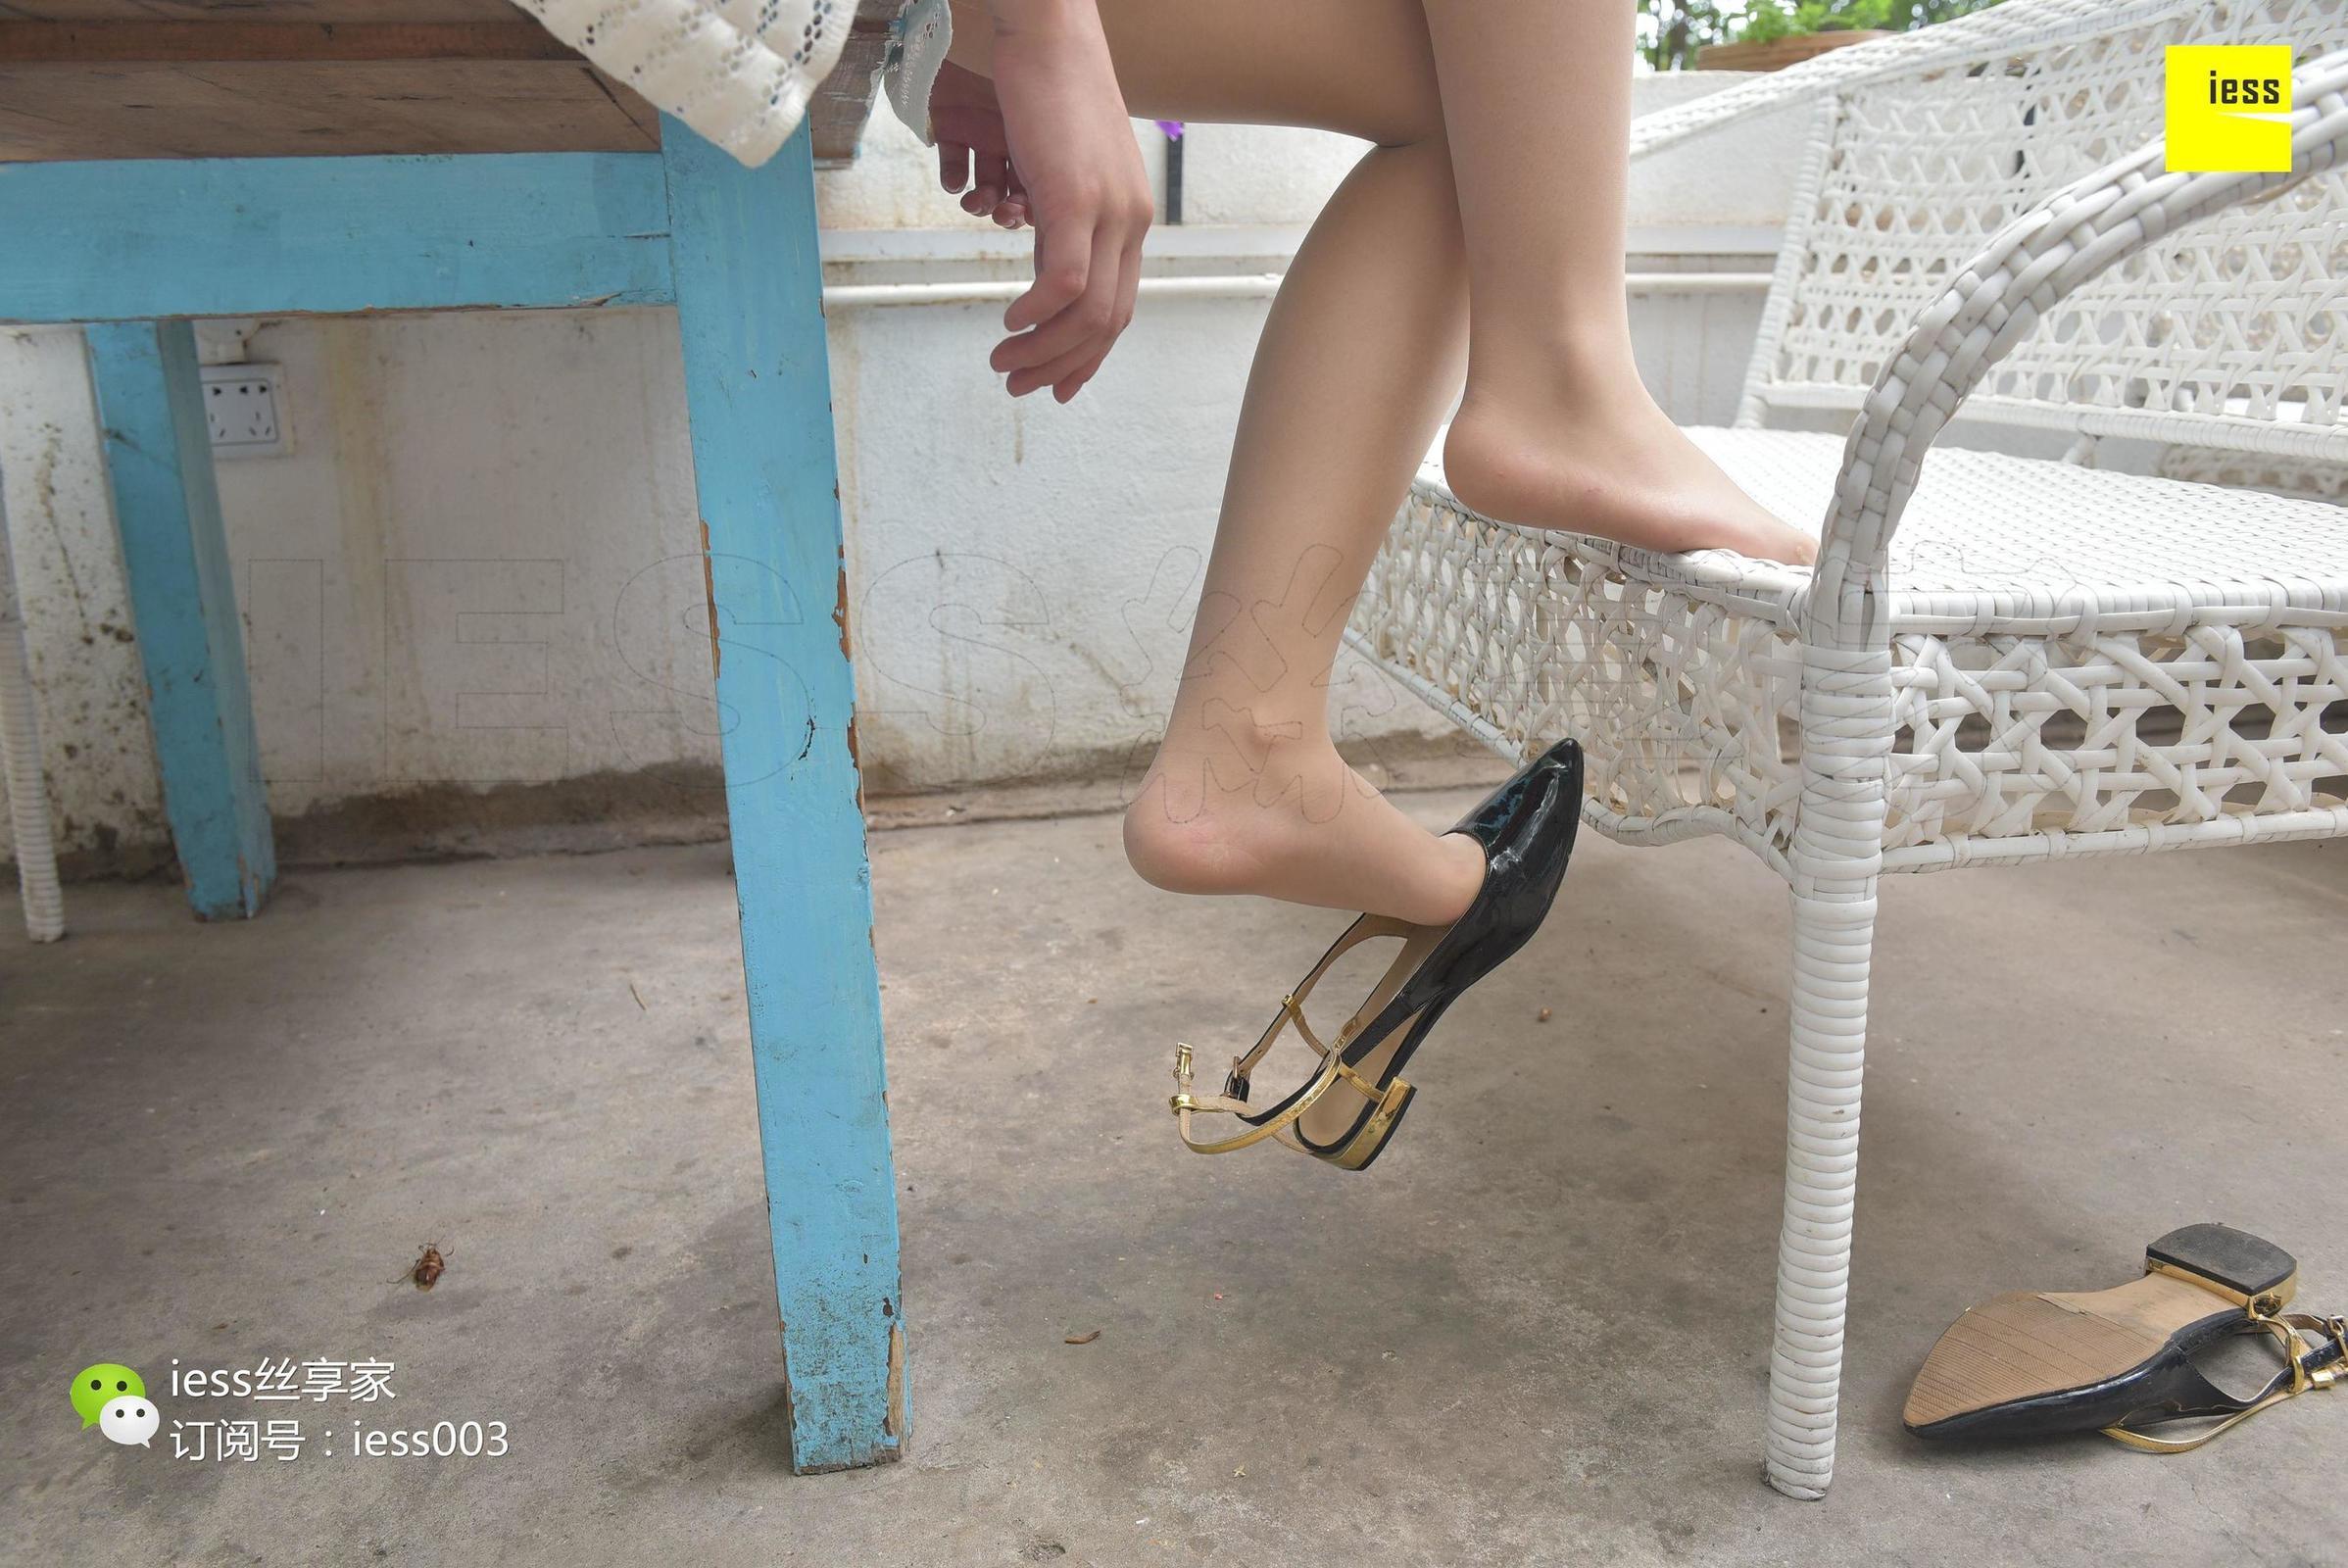 墨轩 《今日换平底鞋可好?》 丝足写真